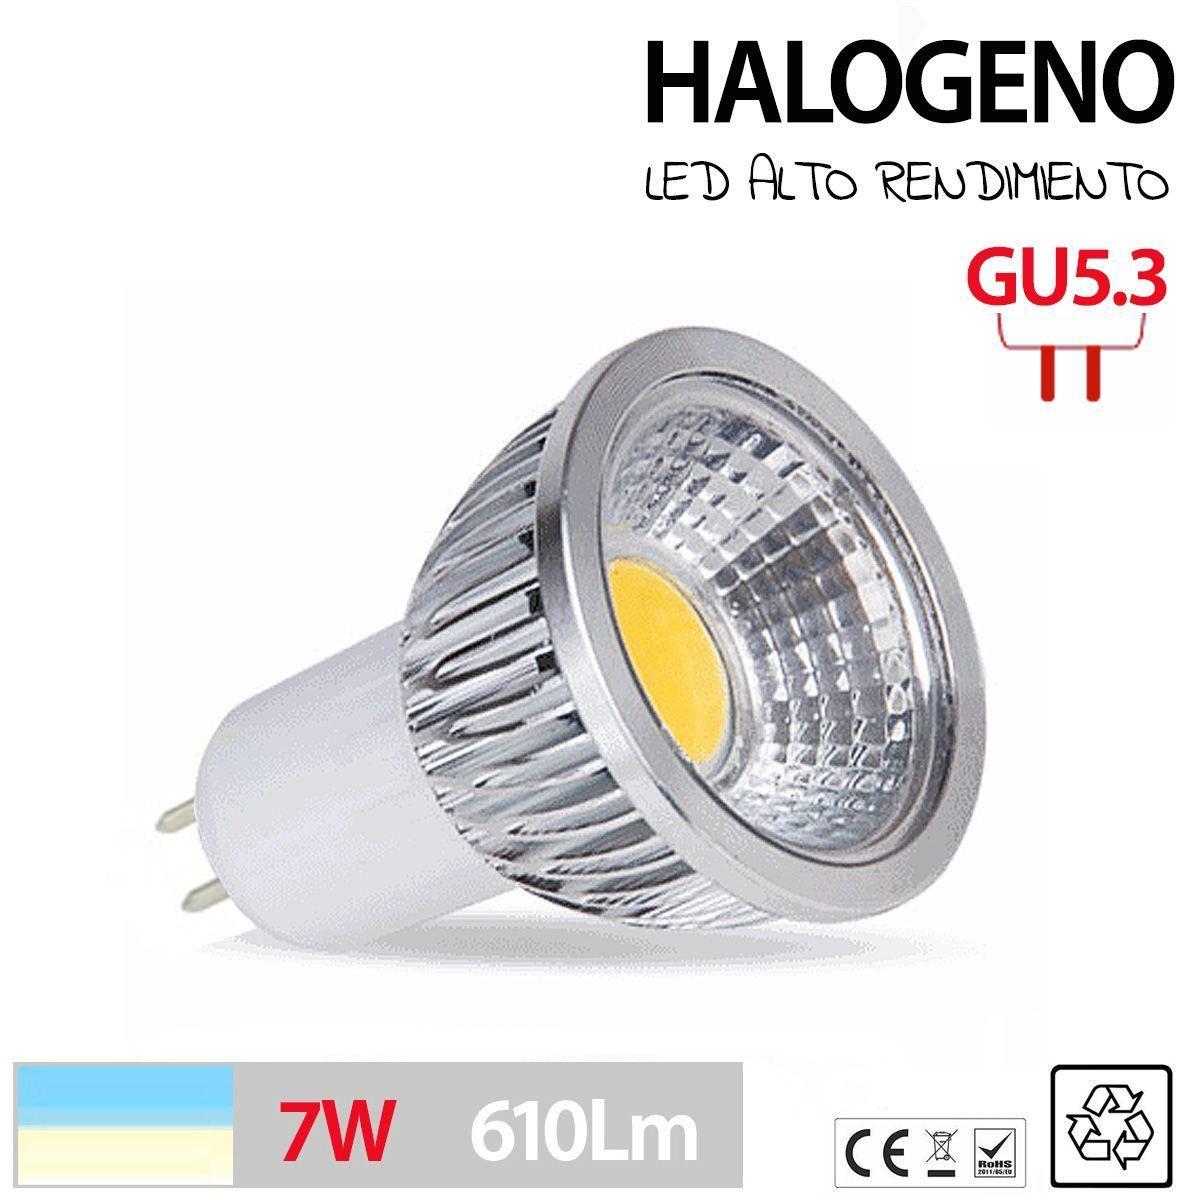 Halogeno led gu5 3 bombilla lampara foco 3w 5w 7w blanco - Focos halogenos led ...